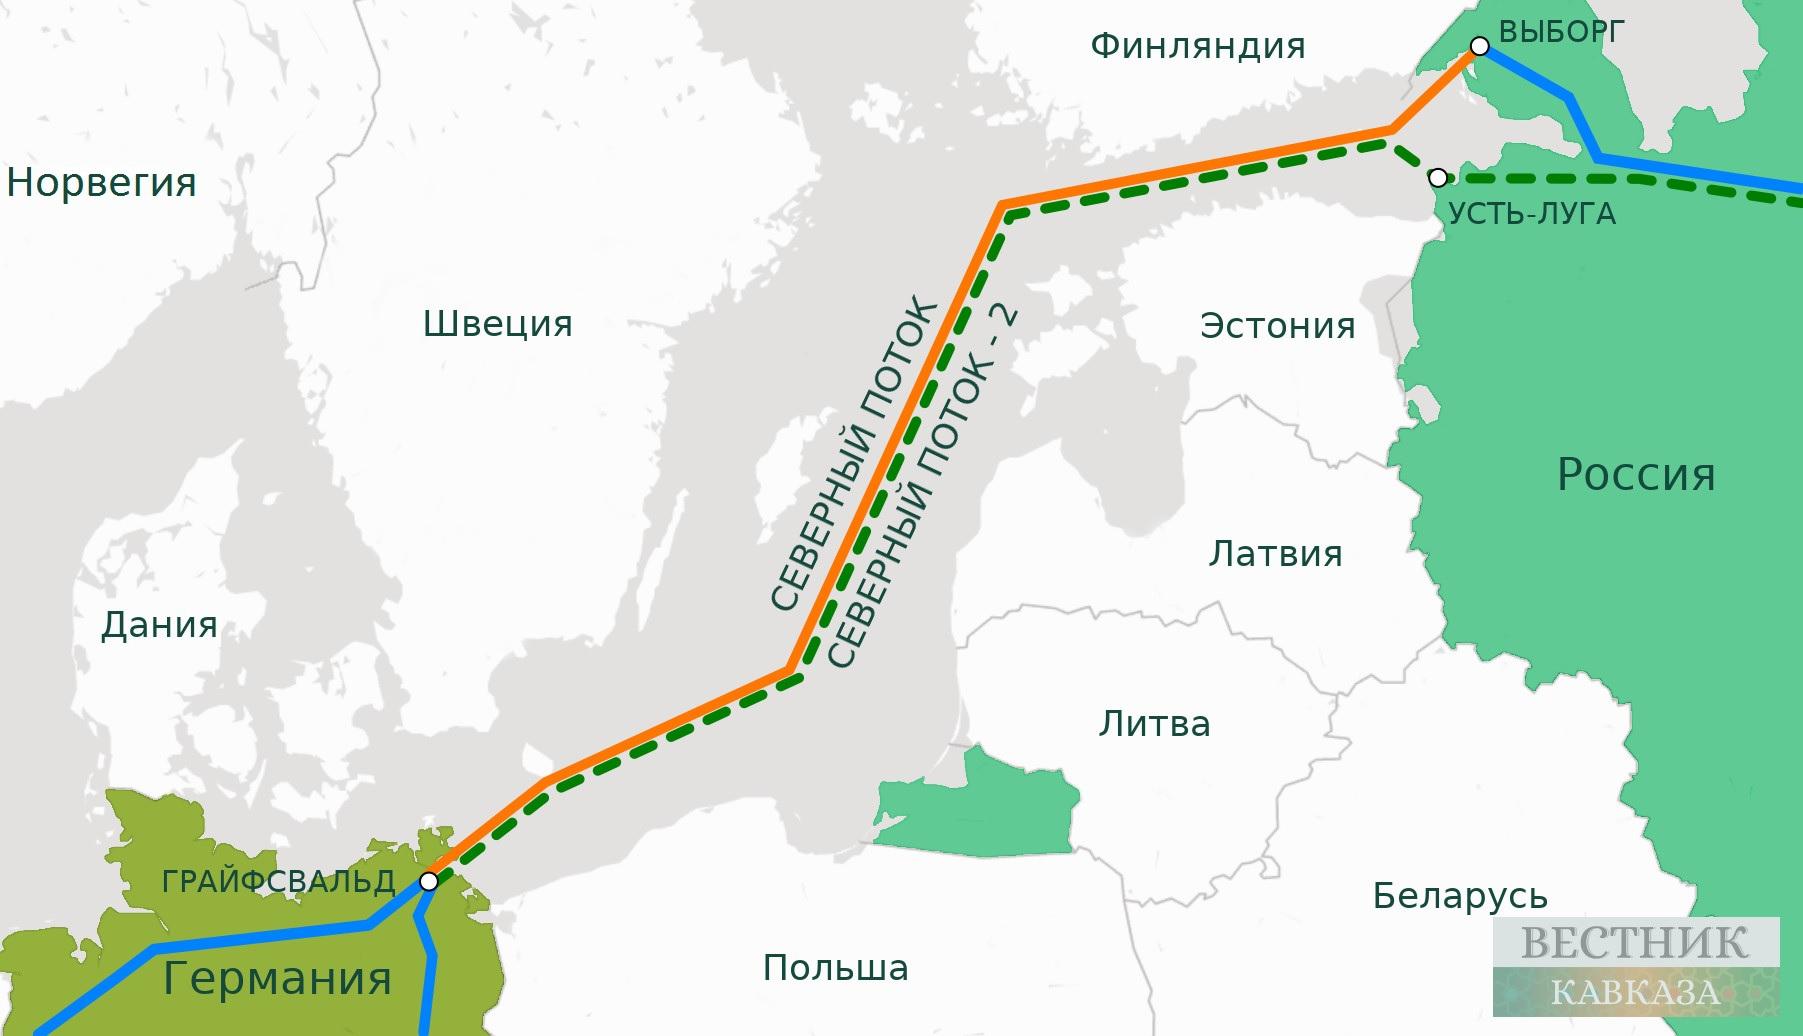 МИДРФ осуждает  Германию в«затягивании расследования» дела Навального